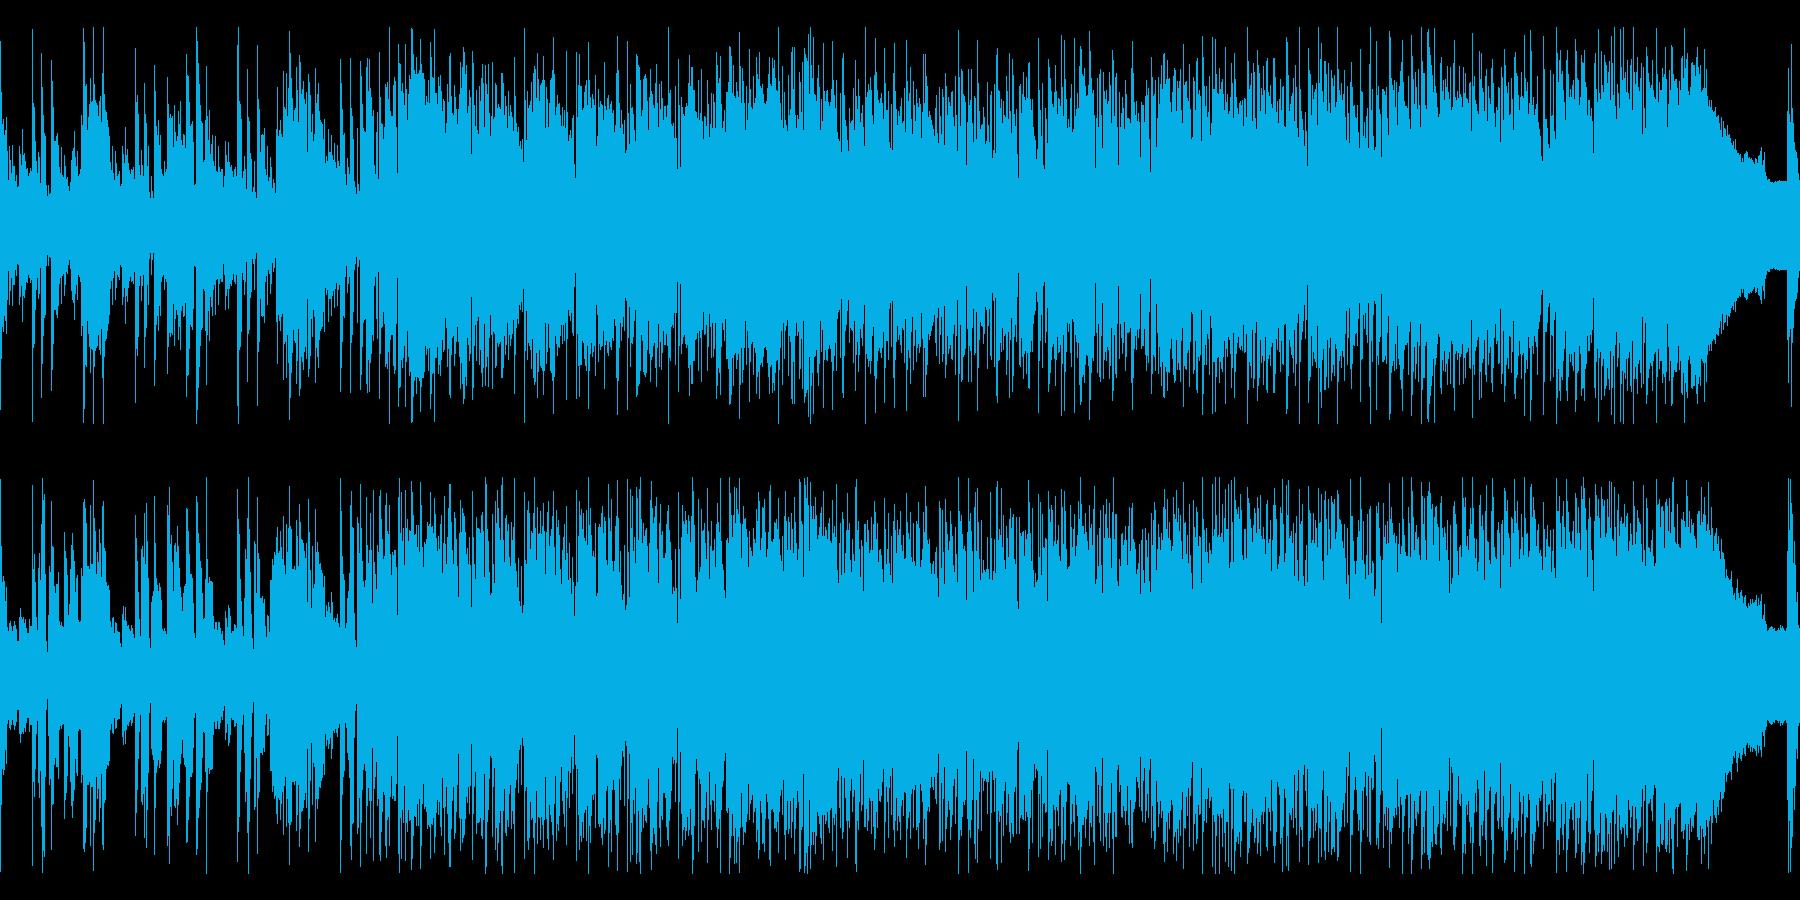 スタイリッシュなジャズフュージョンの再生済みの波形